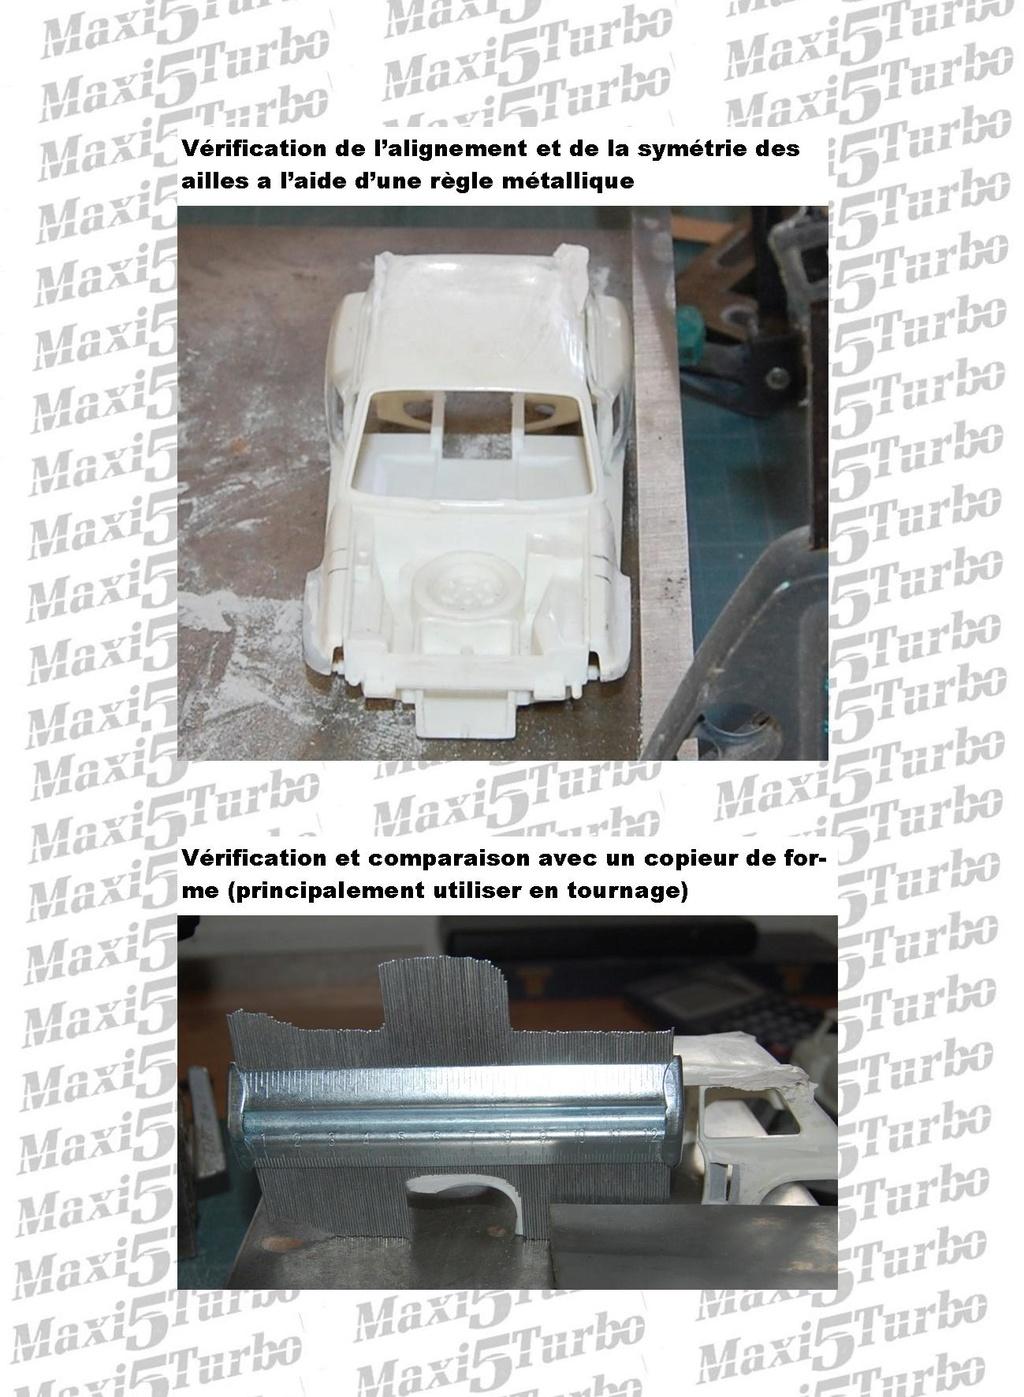 (1/24) Renault 5 Maxi turbo Ref 80717 ( Hors delai ) 1710